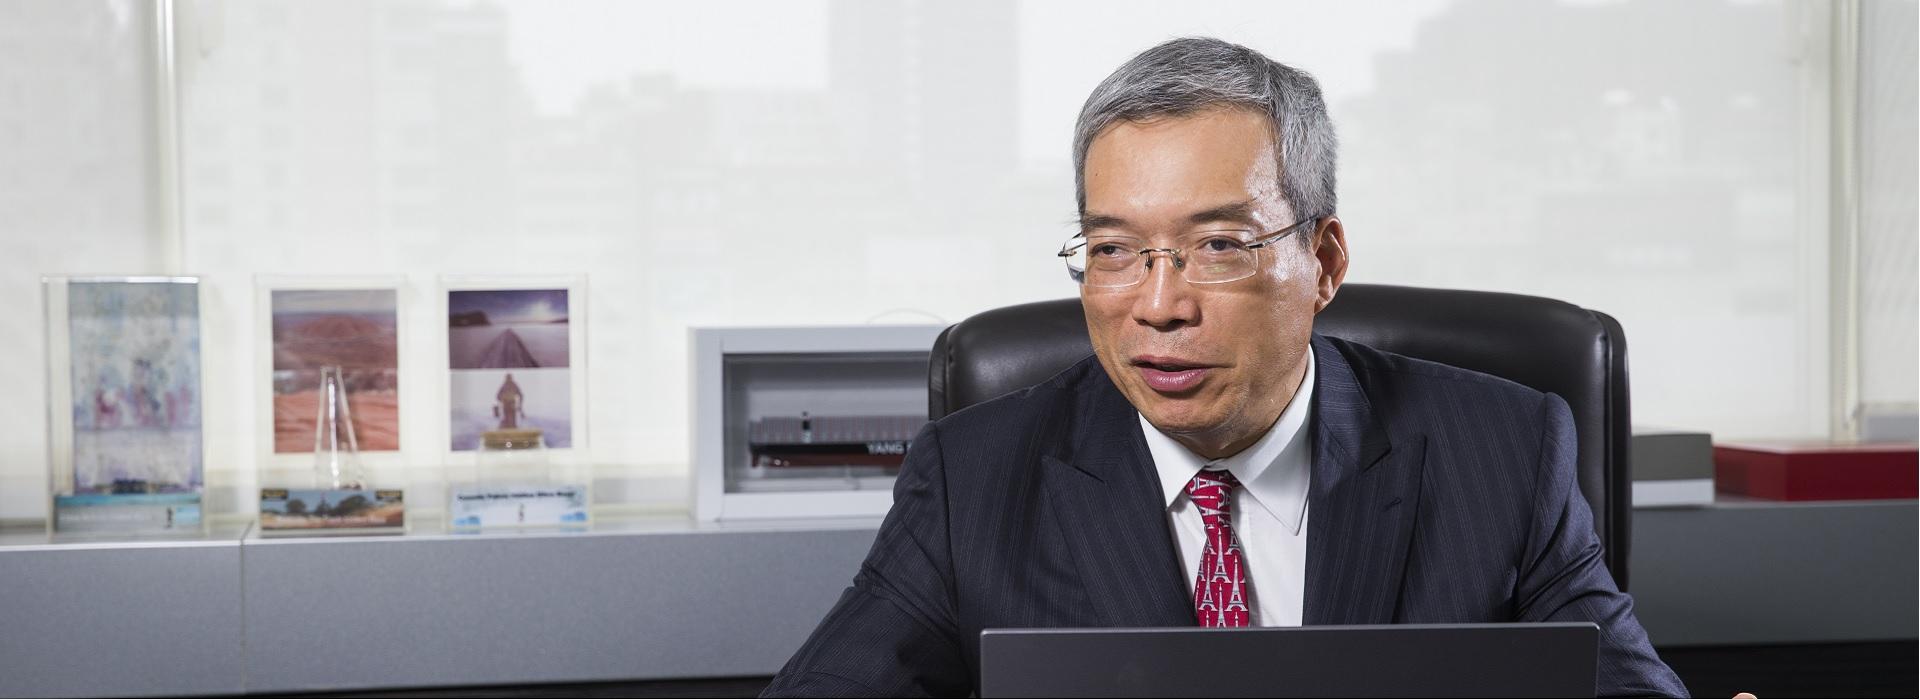 老謝:教改二十年、減少30%的課綱...感受新加坡的重視教育!